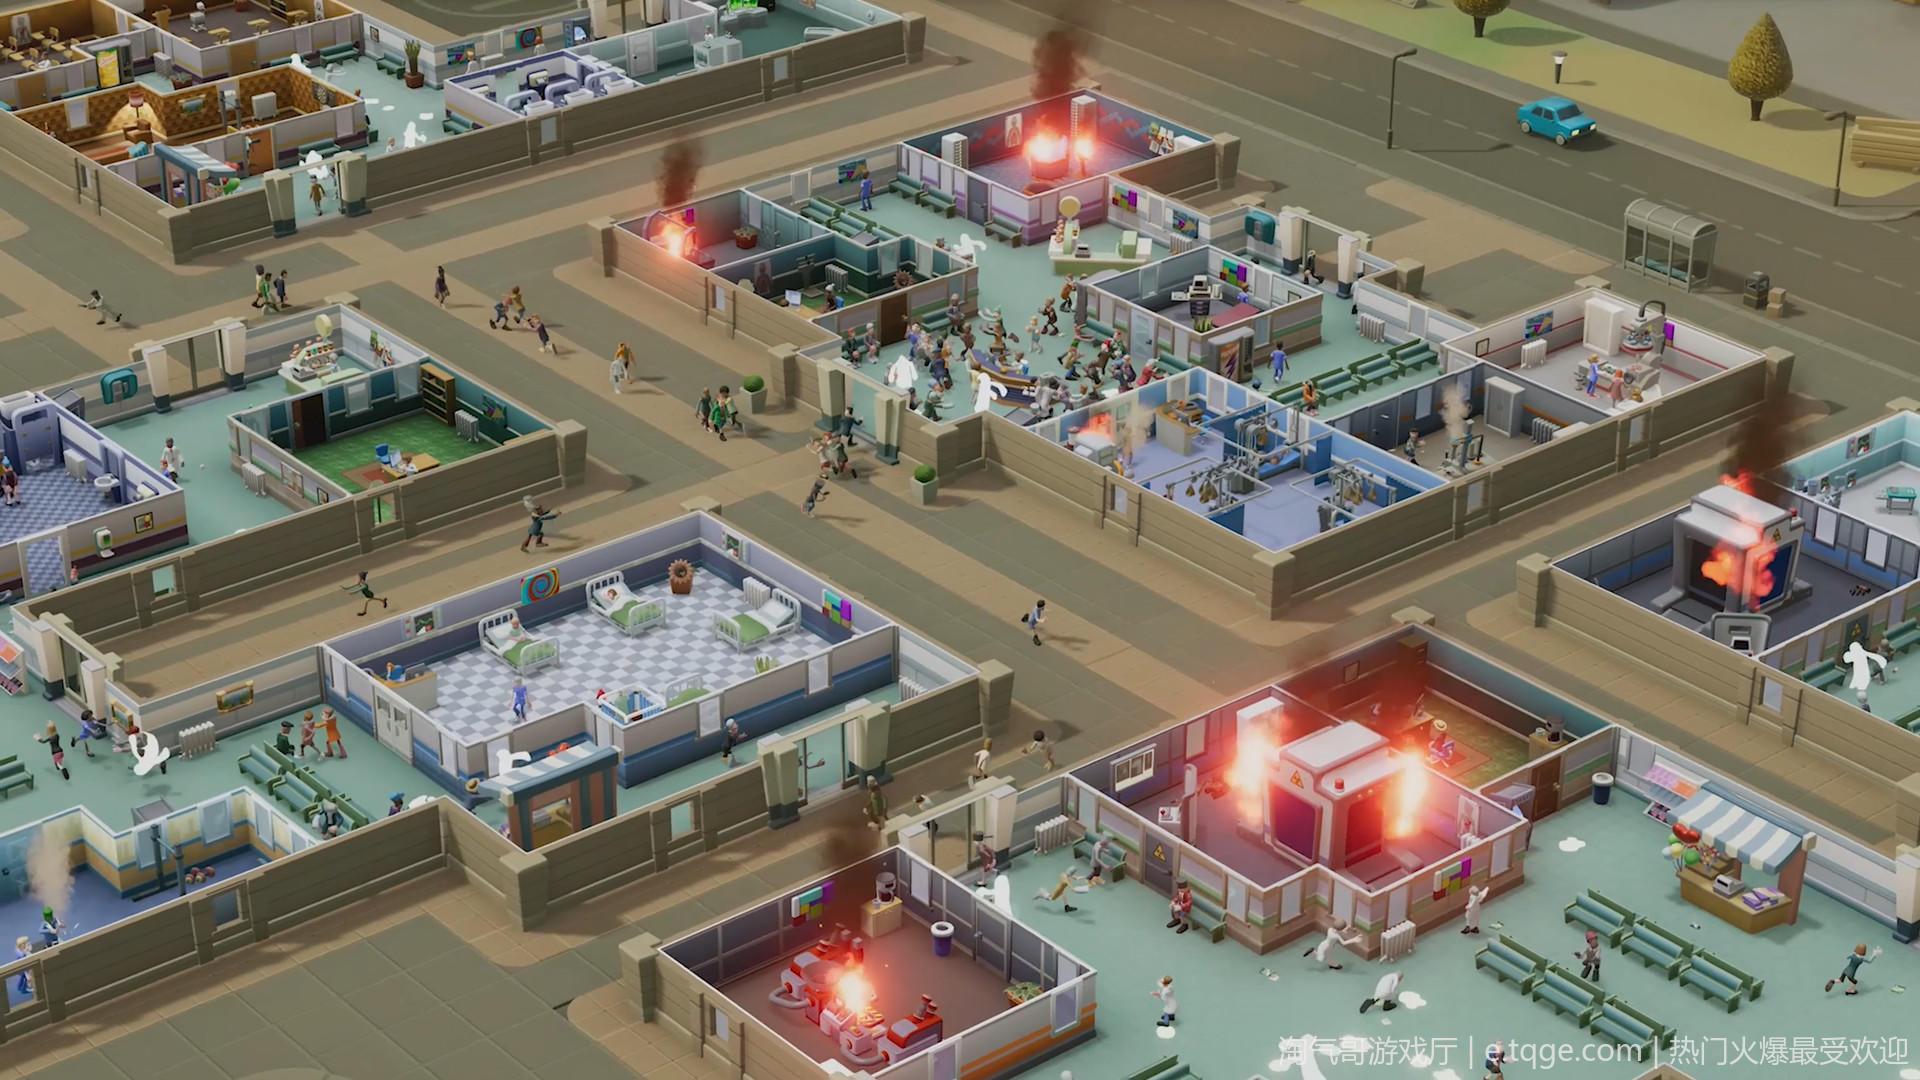 双点医院 模拟经营 第1张